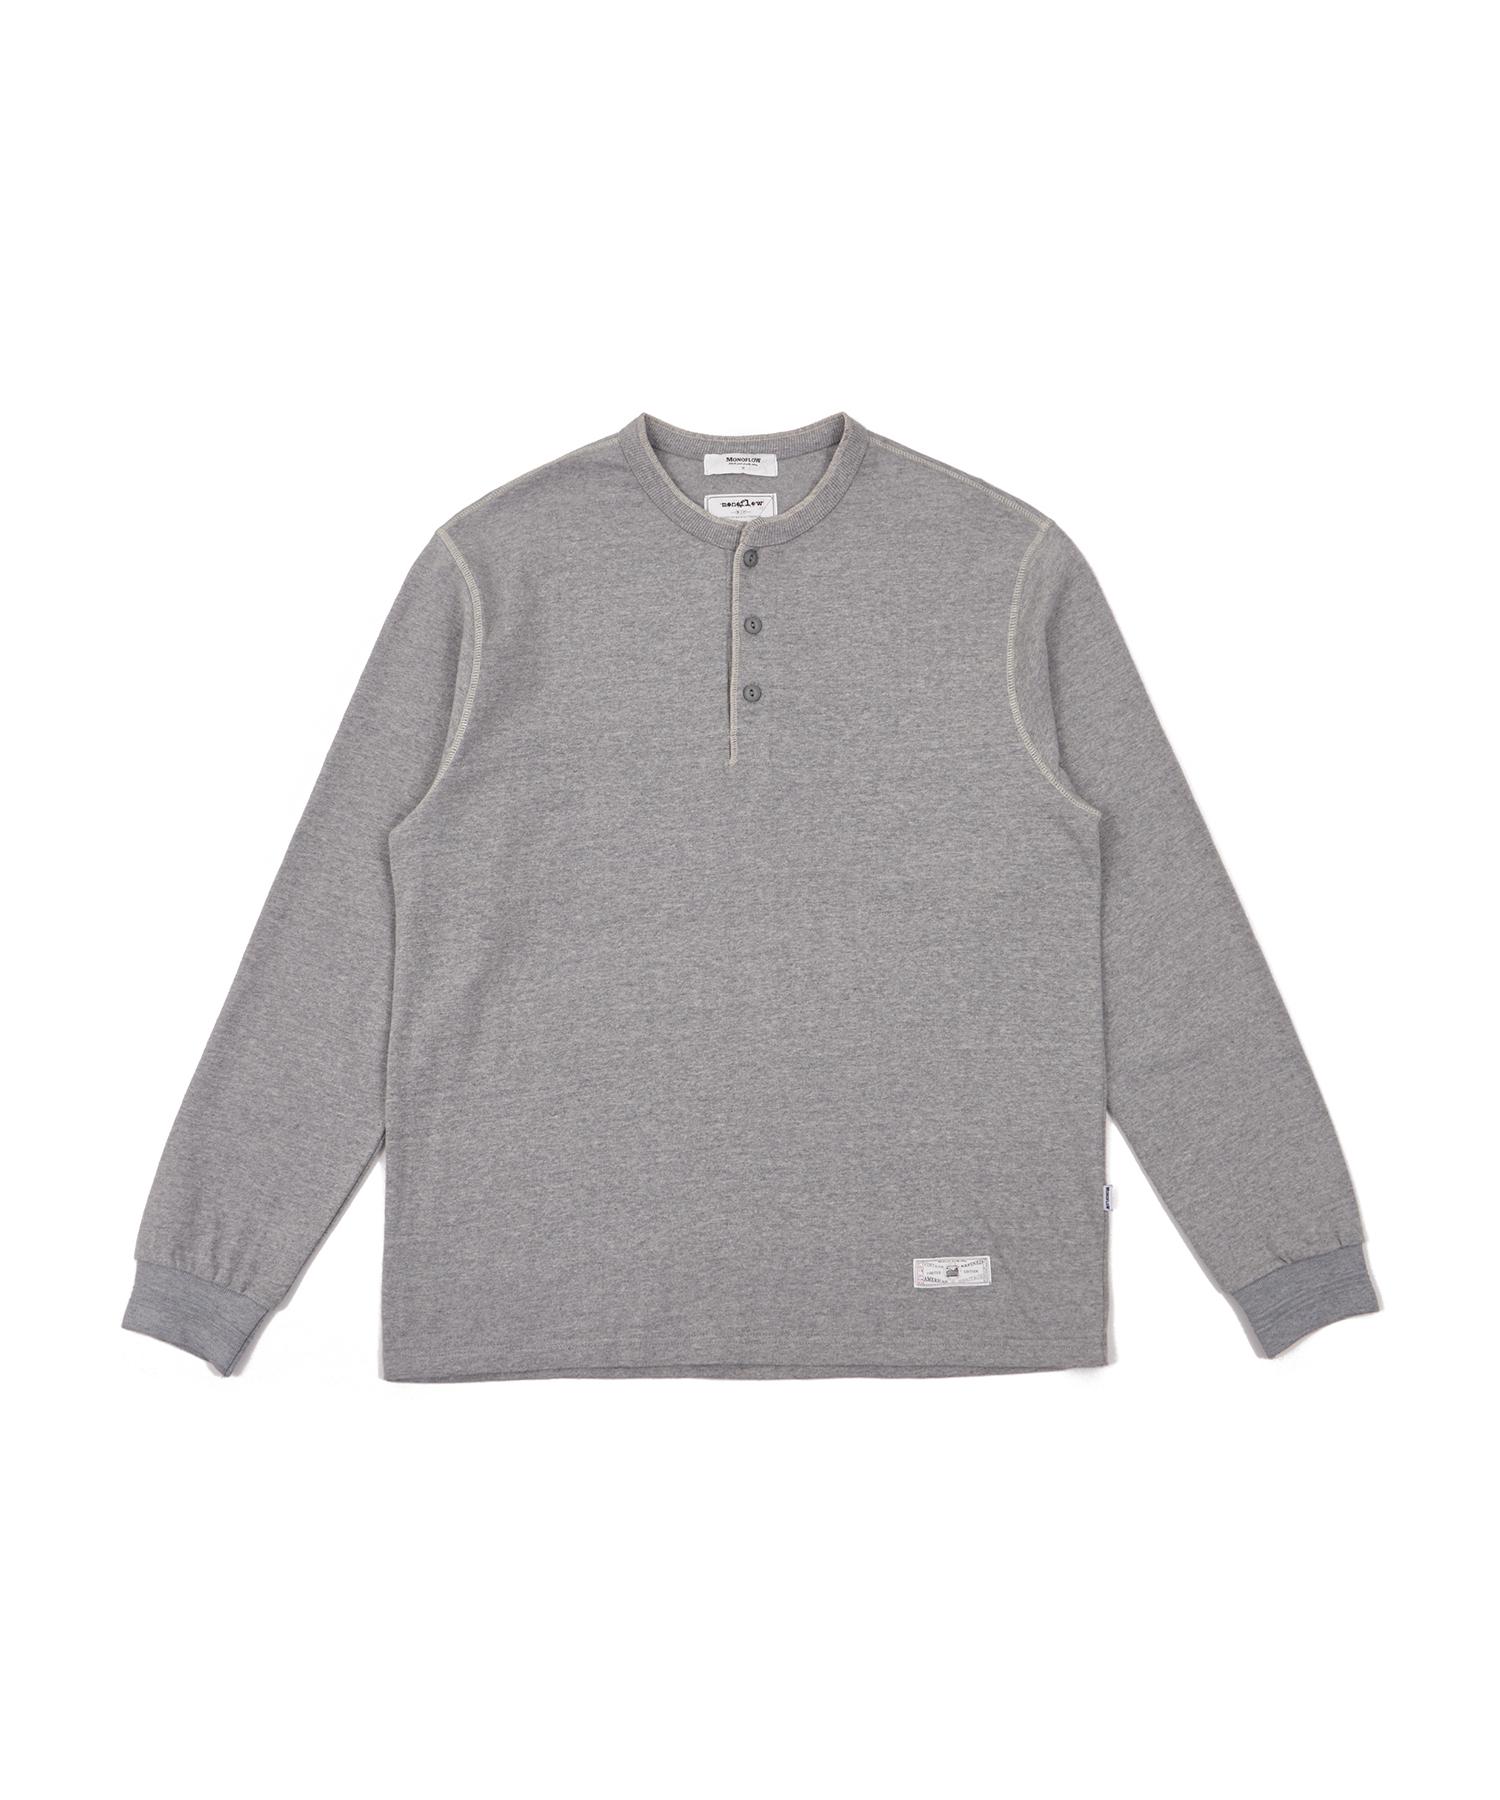 모노플로우 헨리넥 티셔츠